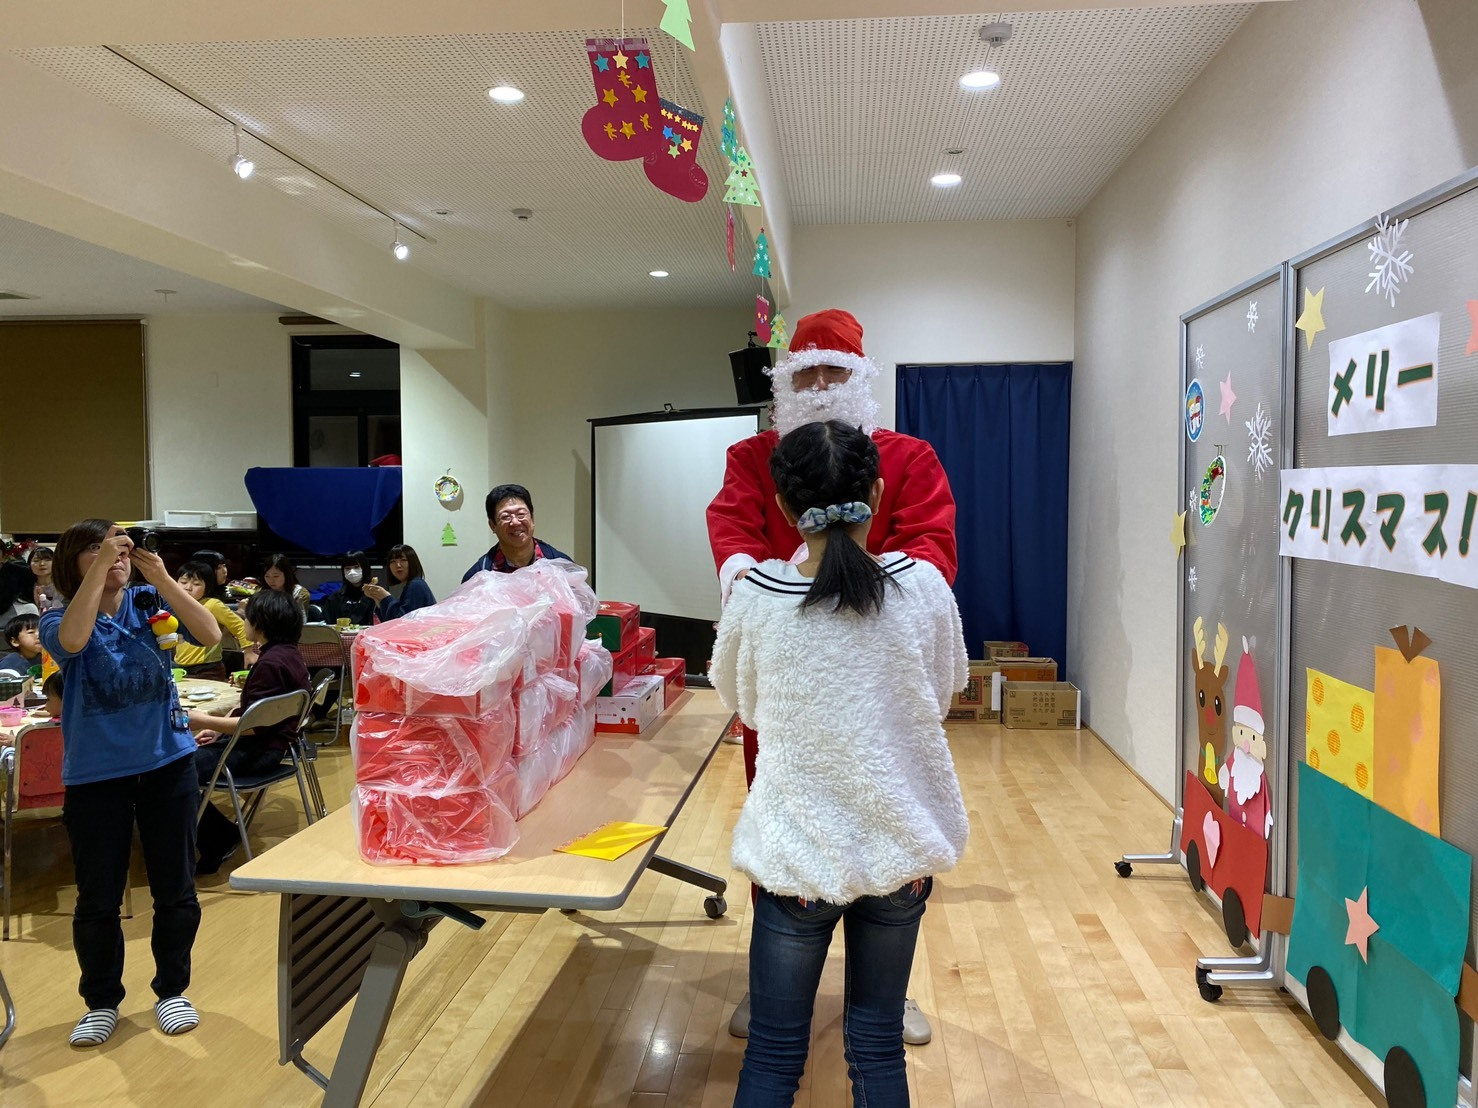 メリークリスマス(^^♪TOMMYサンタも出動!!!G社様 納車(^^)/ エスカレード、ハマー、ハイエース_b0127002_18192290.jpg